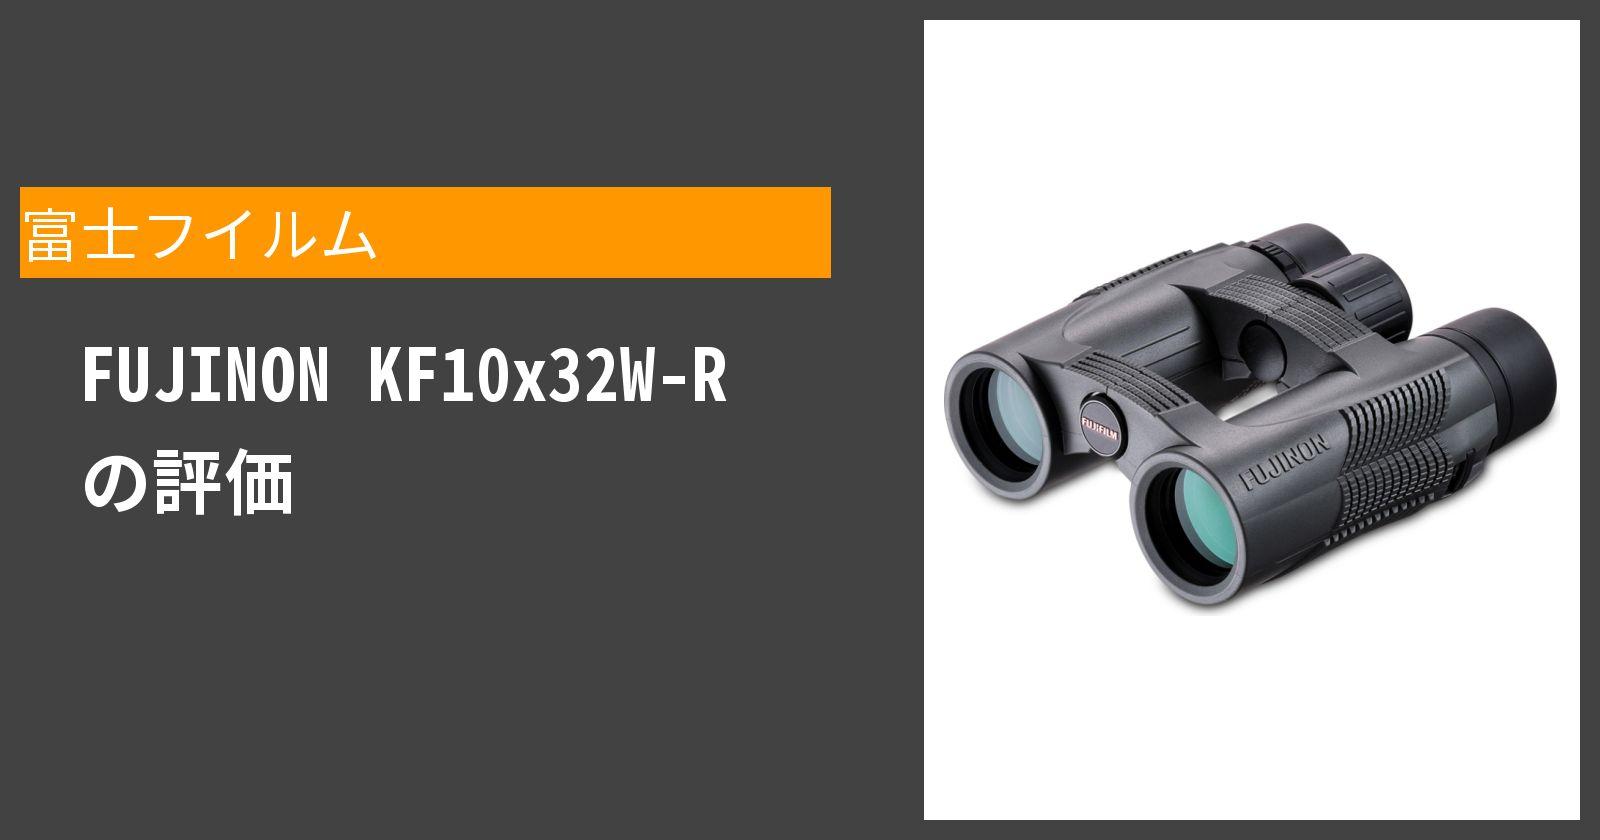 FUJINON KF10x32W-Rを徹底評価